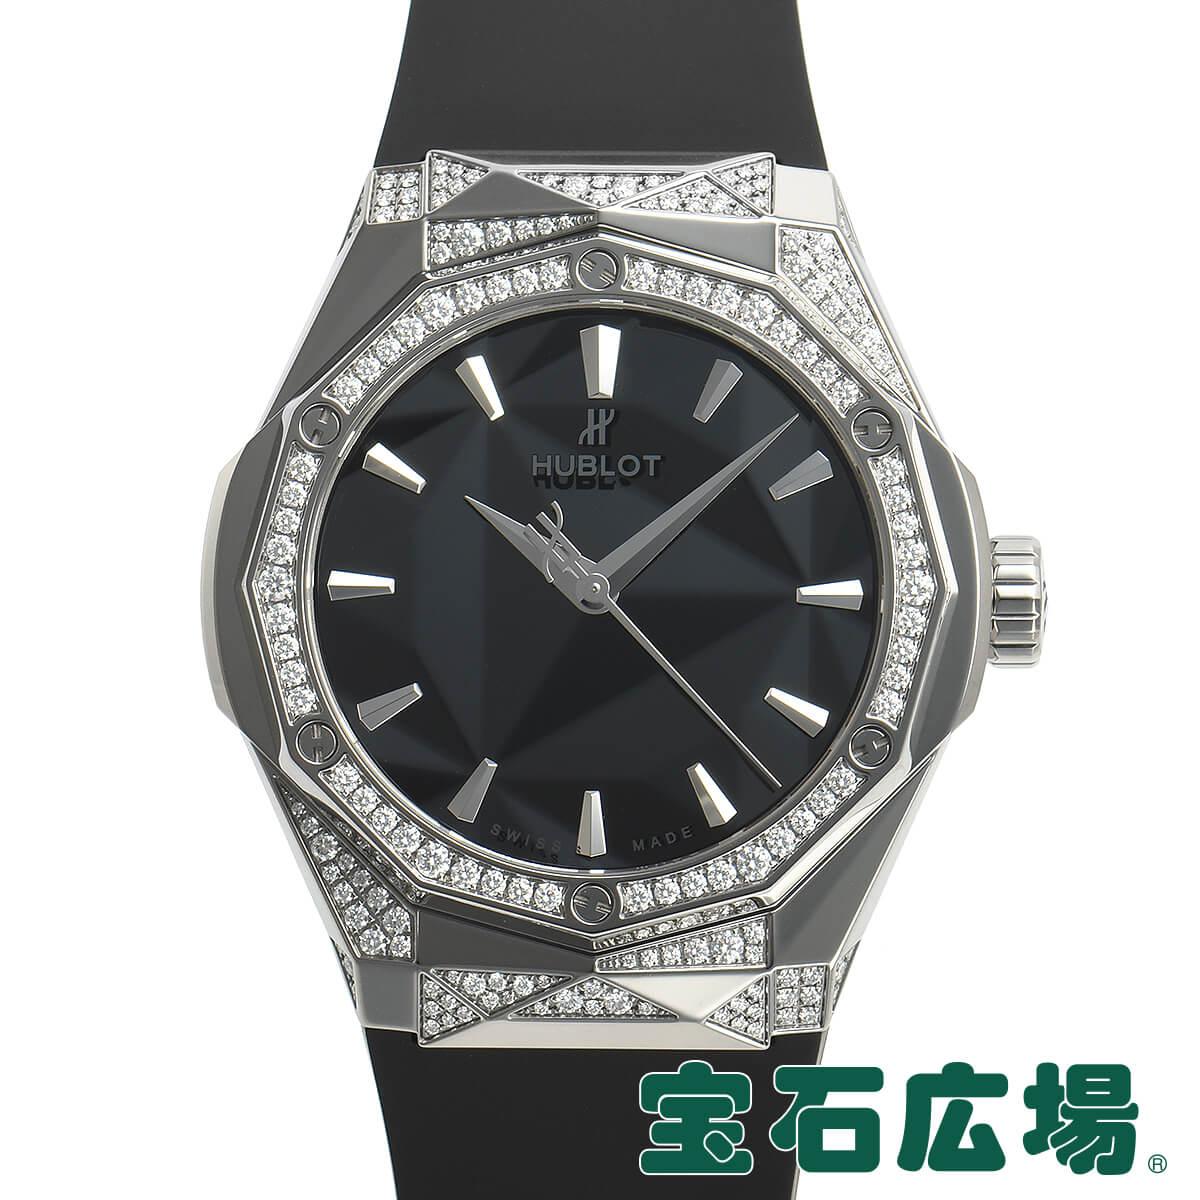 ウブロ HUBLOT クラシックフュージョン オーリンスキー チタニウム オルタナティブ パヴェ 550.NS.1800.RX.1804.ORL19【新品】メンズ 腕時計 送料無料